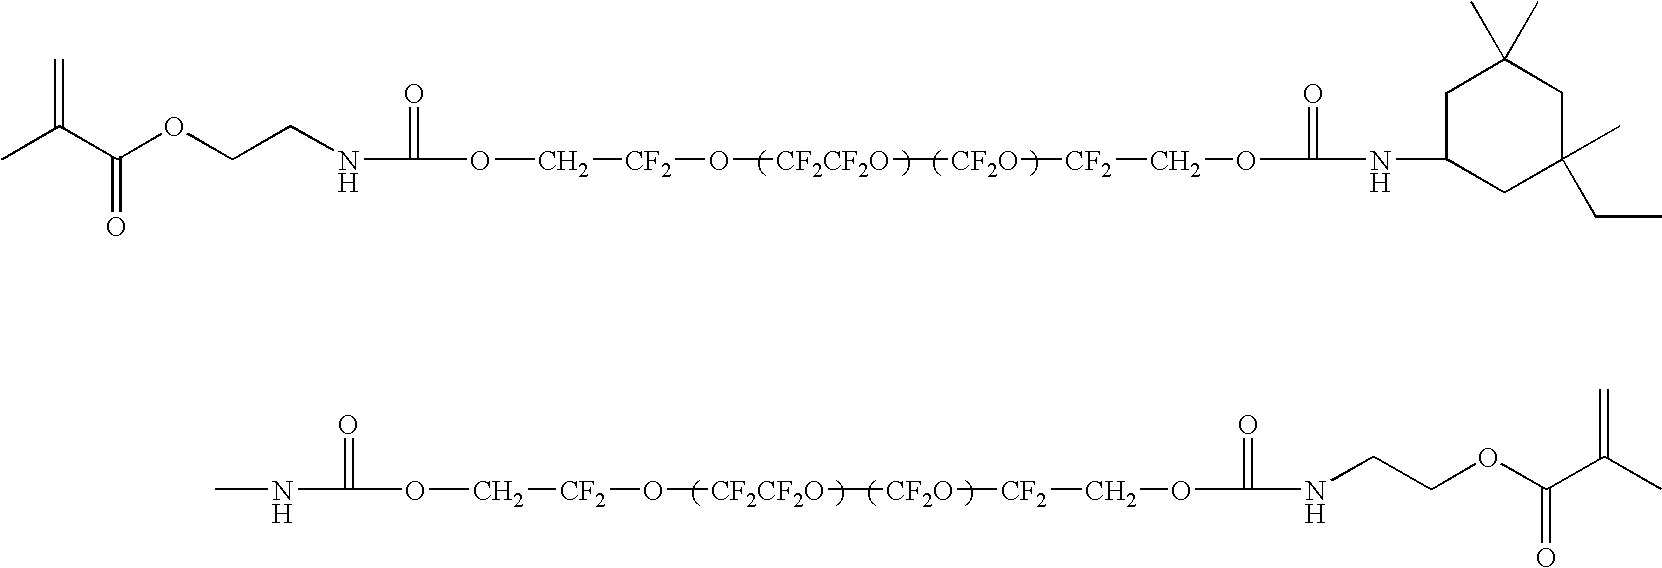 Figure US08158728-20120417-C00026